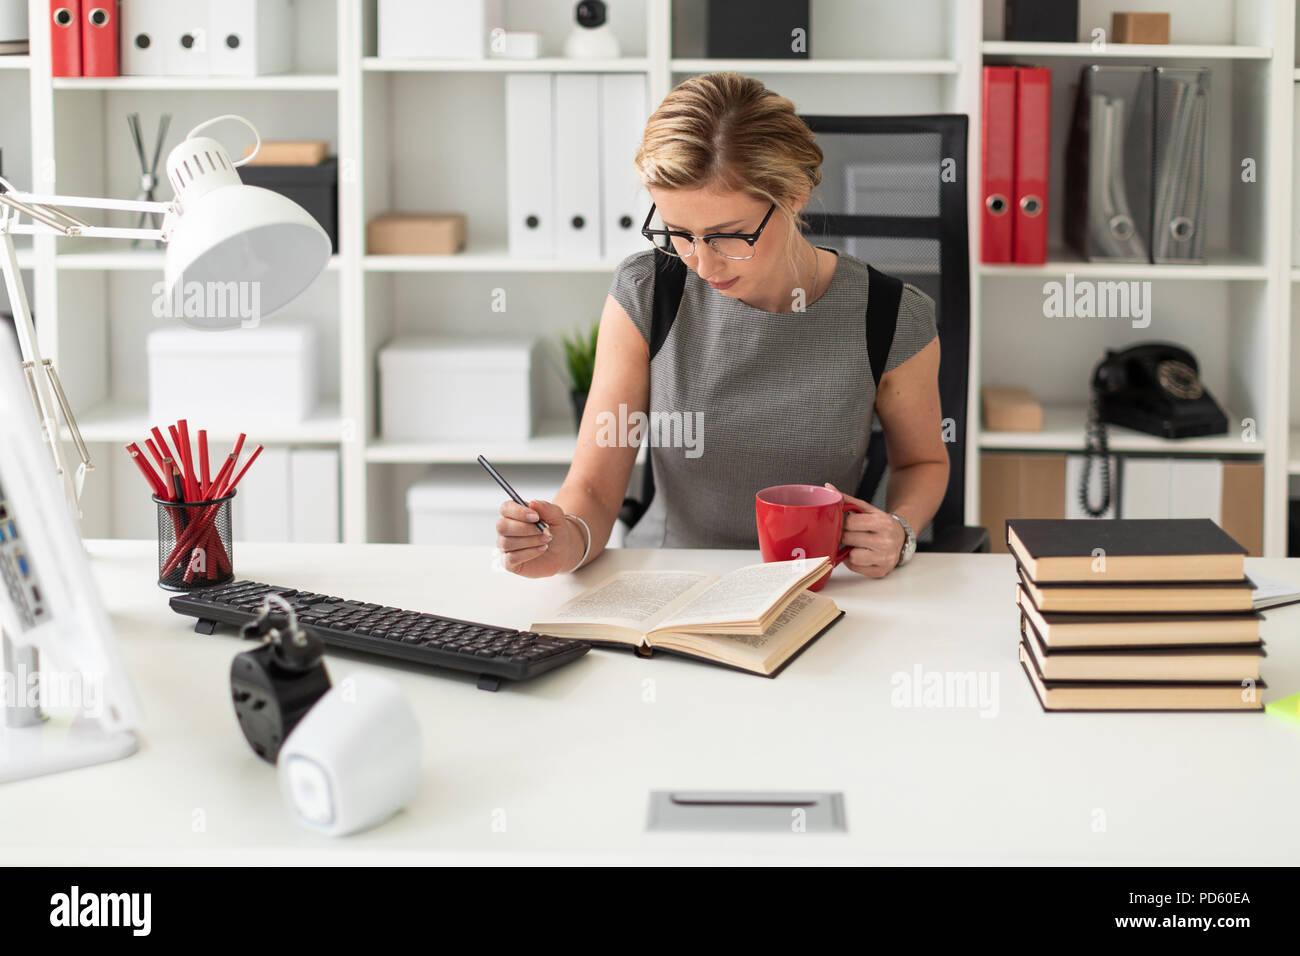 Una niña pequeña está sentada en una mesa de la Oficina, sosteniendo un lápiz rojo y una copa en su mano. Antes de que la niña se encuentra un libro abierto. Foto de stock